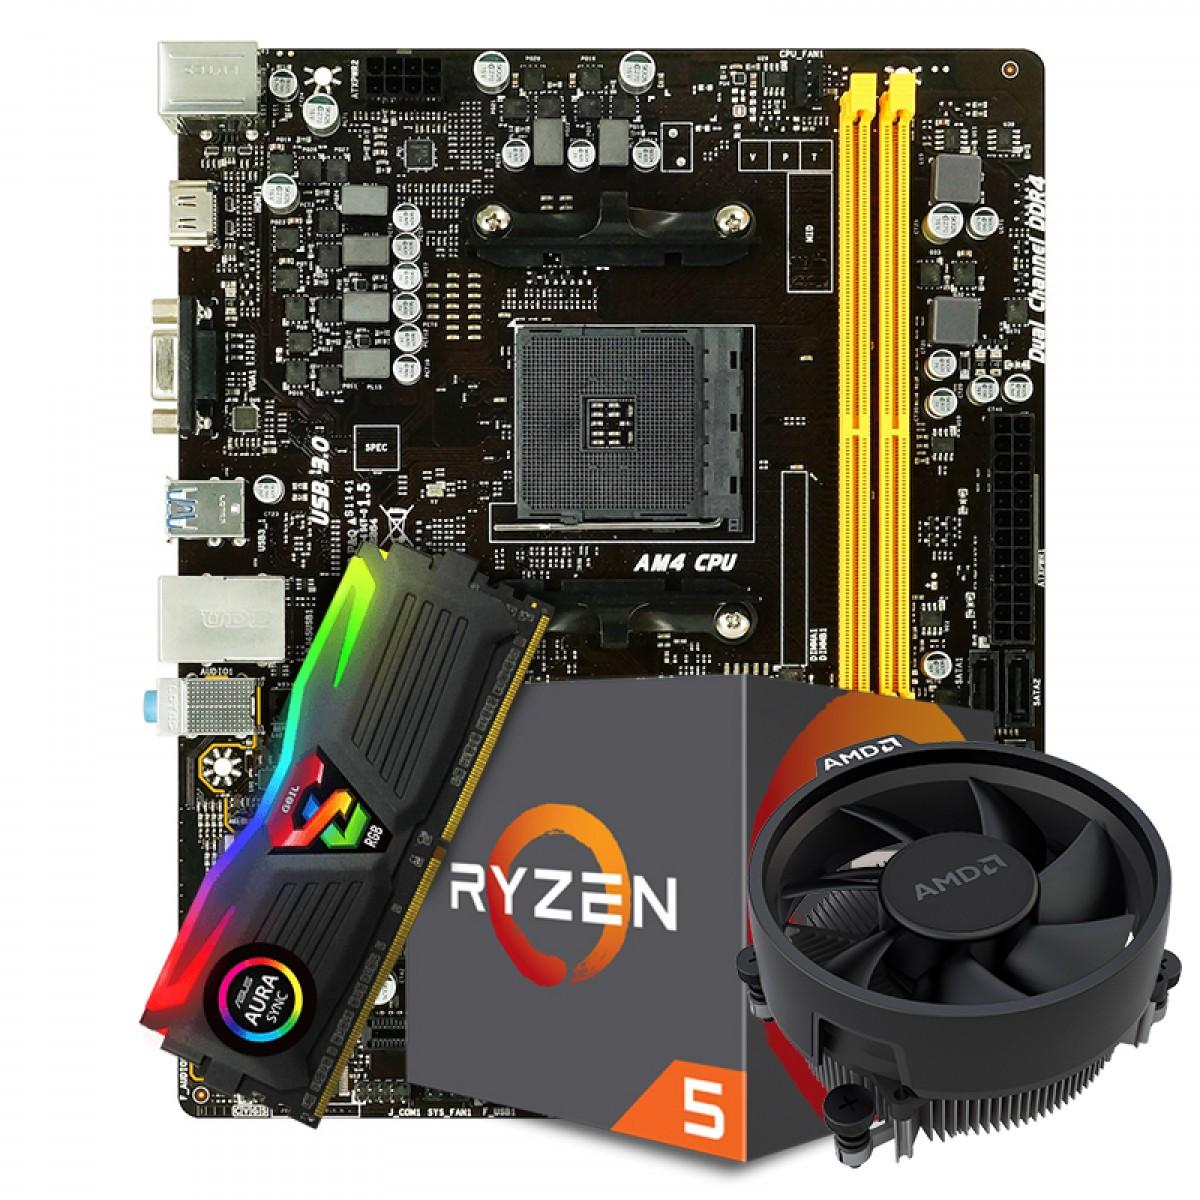 Kit Upgrade Placa Mãe Biostar B450MH AMD AM4 DDR4 + Processador AMD Ryzen 5 2600 3.6GHz + Memória DDR4 8GB 3000MHZ